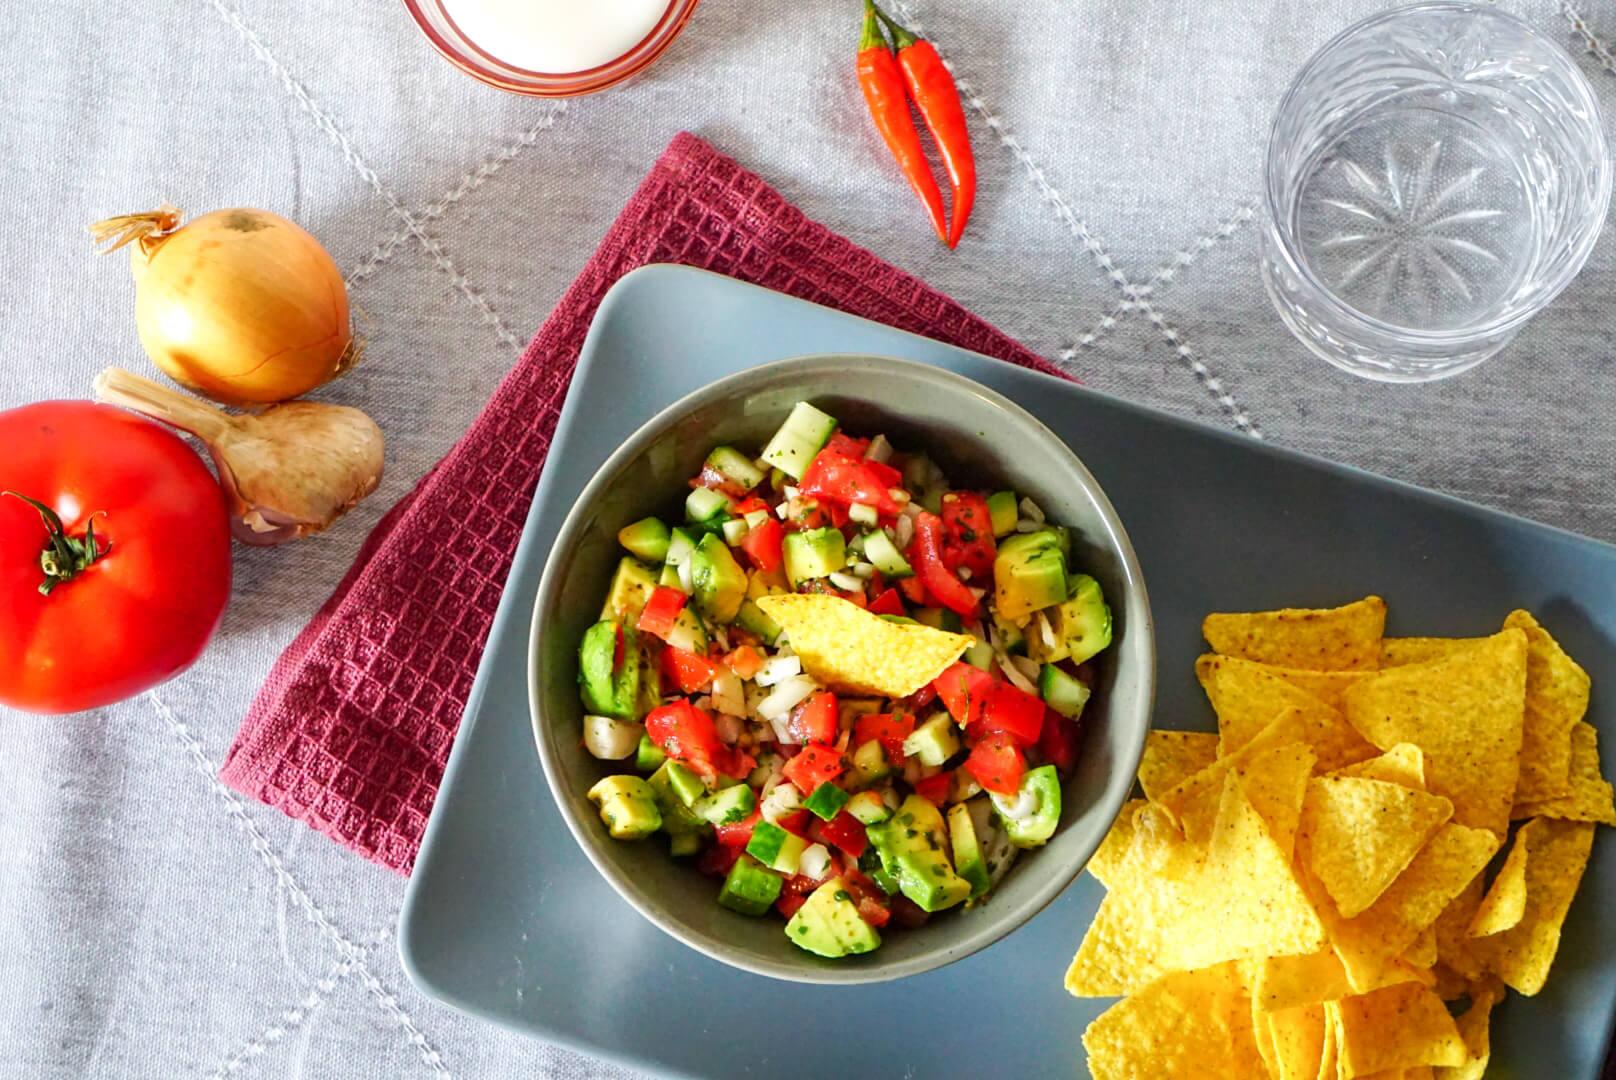 Schale mit Pico de Gallo aus Avocado, Tomaten, Gurkem und Chili